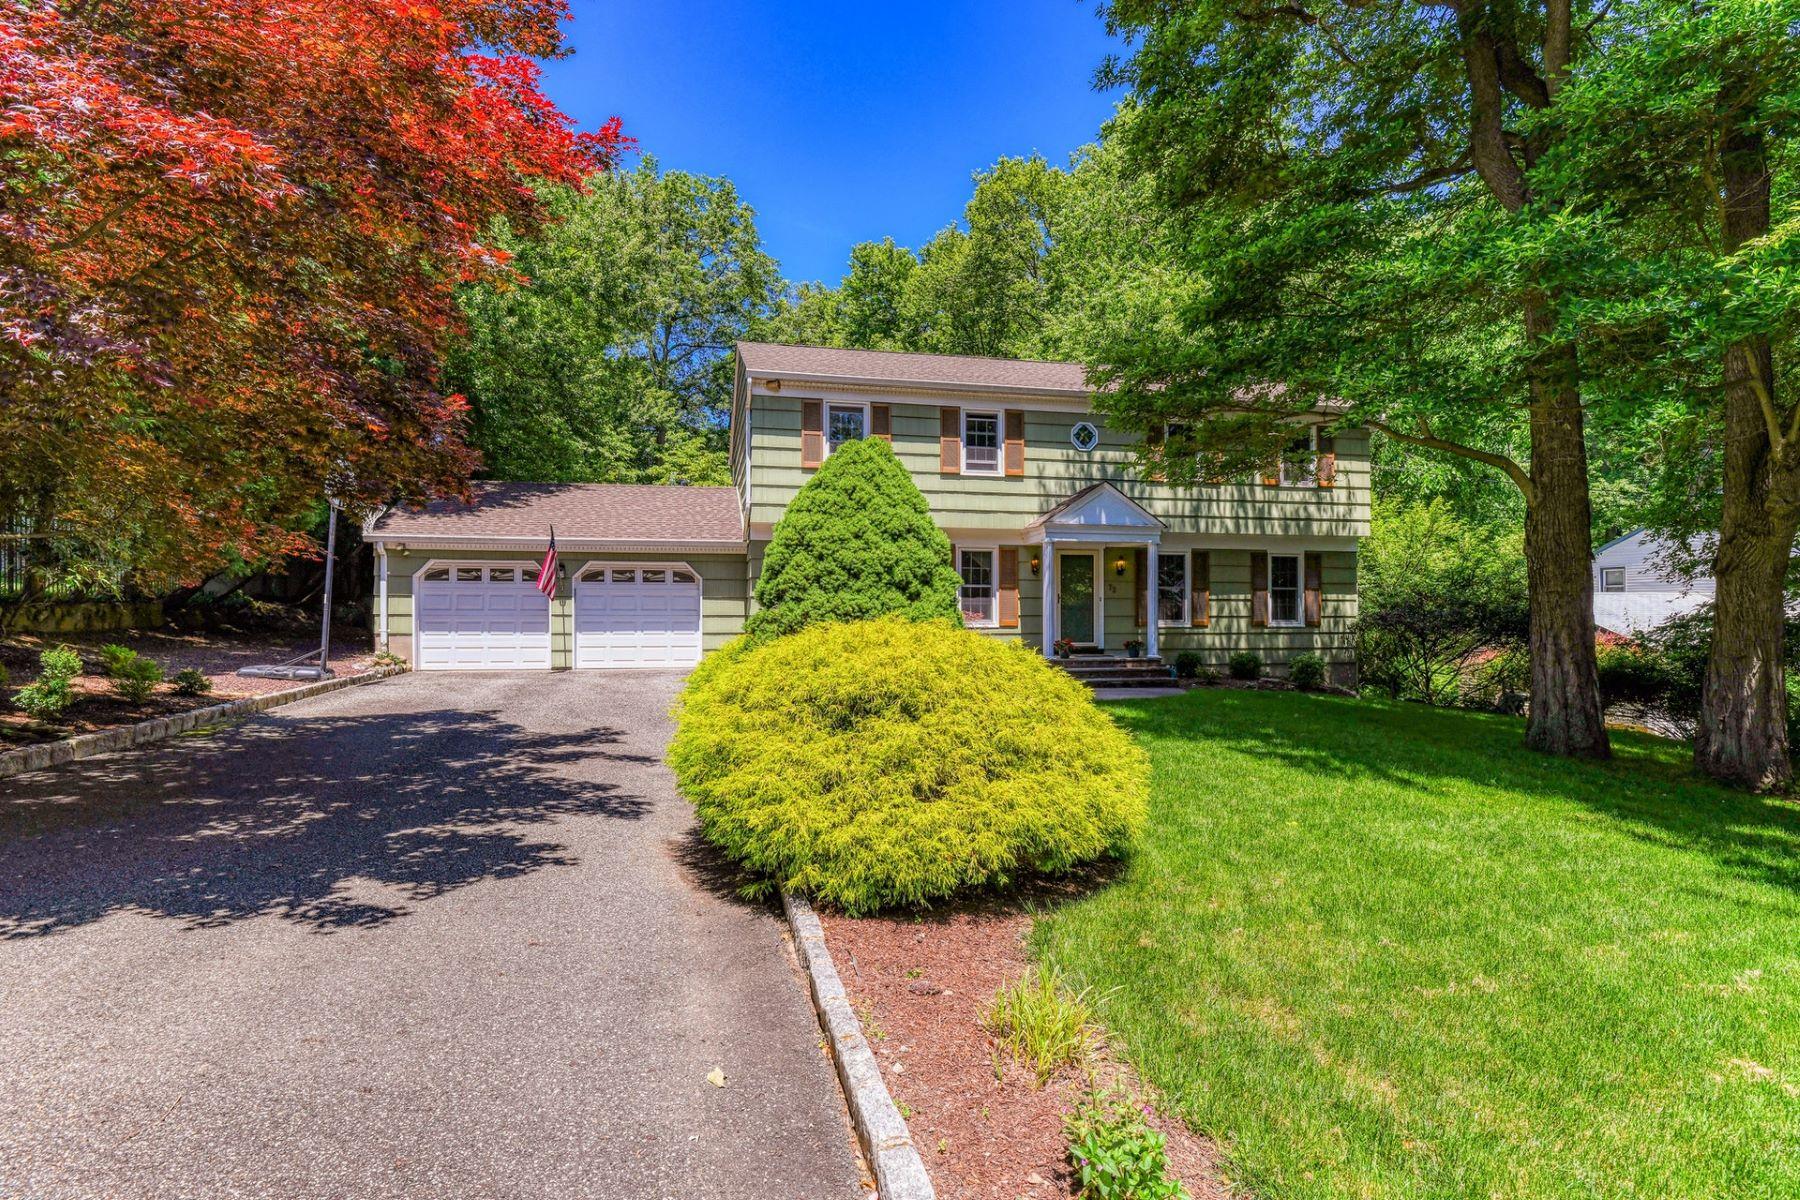 Single Family Homes für Verkauf beim Private & Classic 72 Baylor Ave, Hillsdale, New Jersey 07642 Vereinigte Staaten